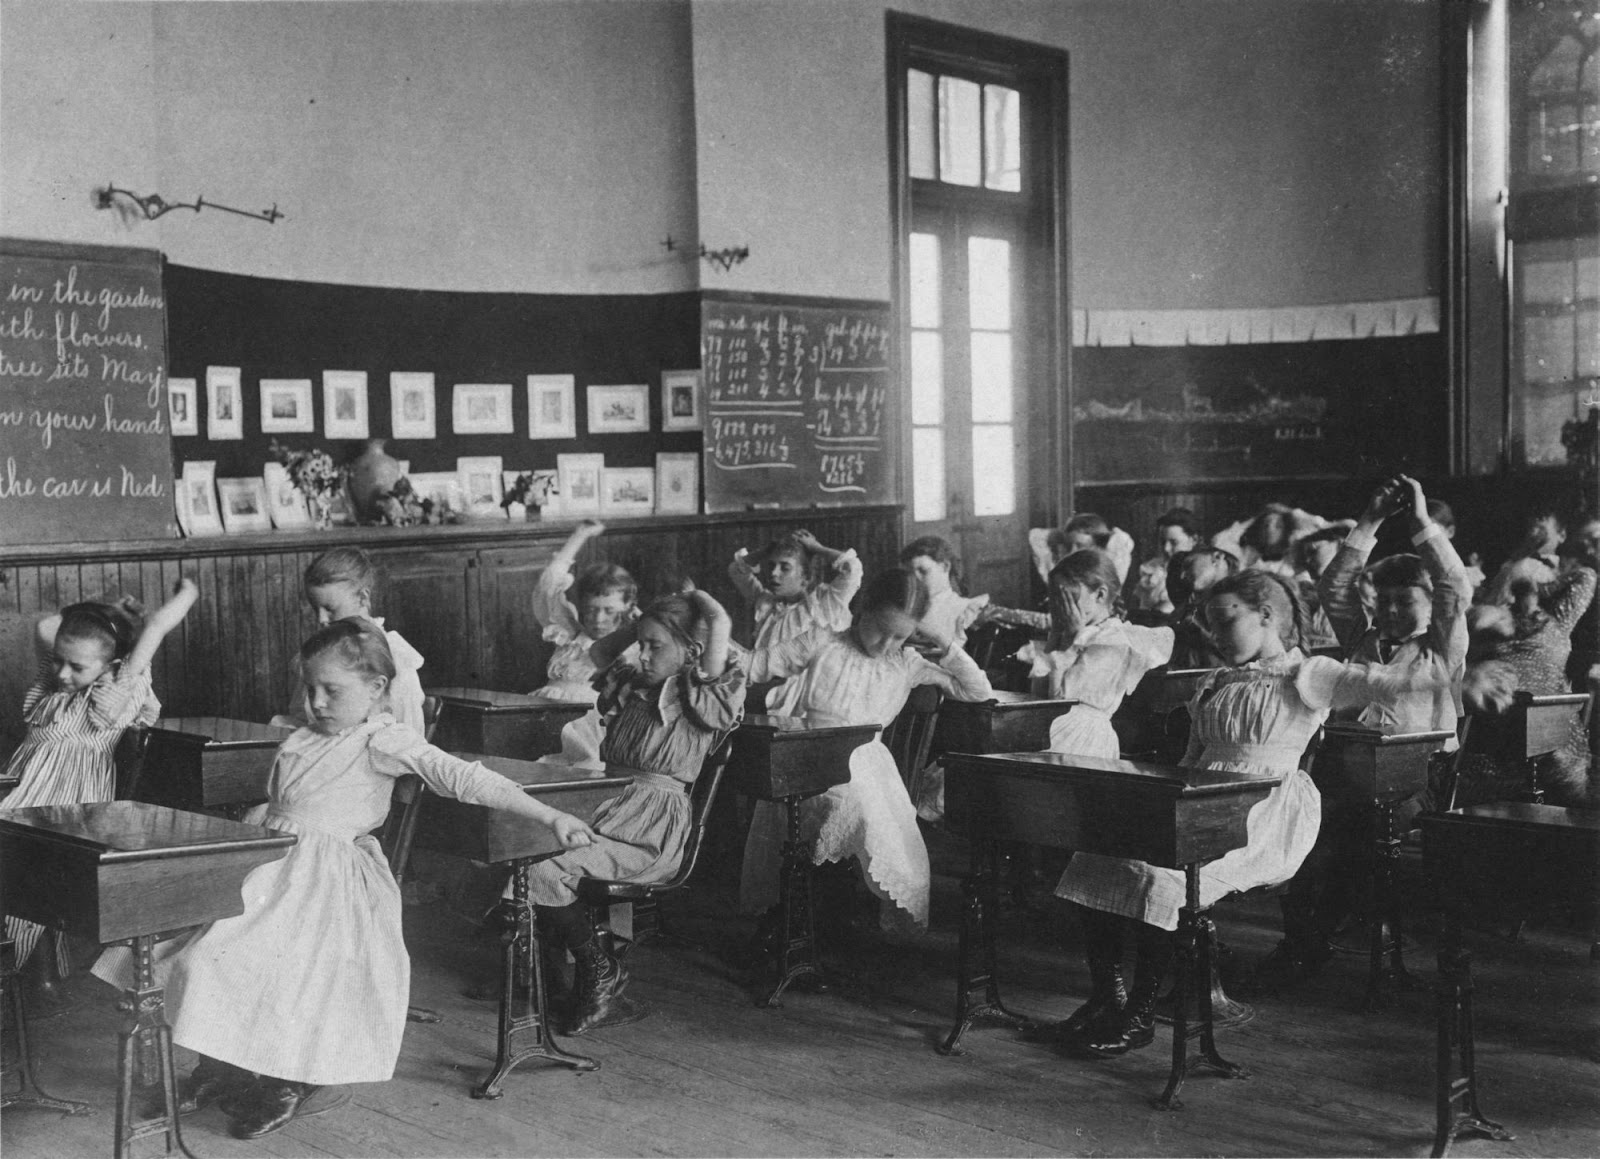 Frances Benjamin Johnston - Schoolgirls Doing Calisthenics